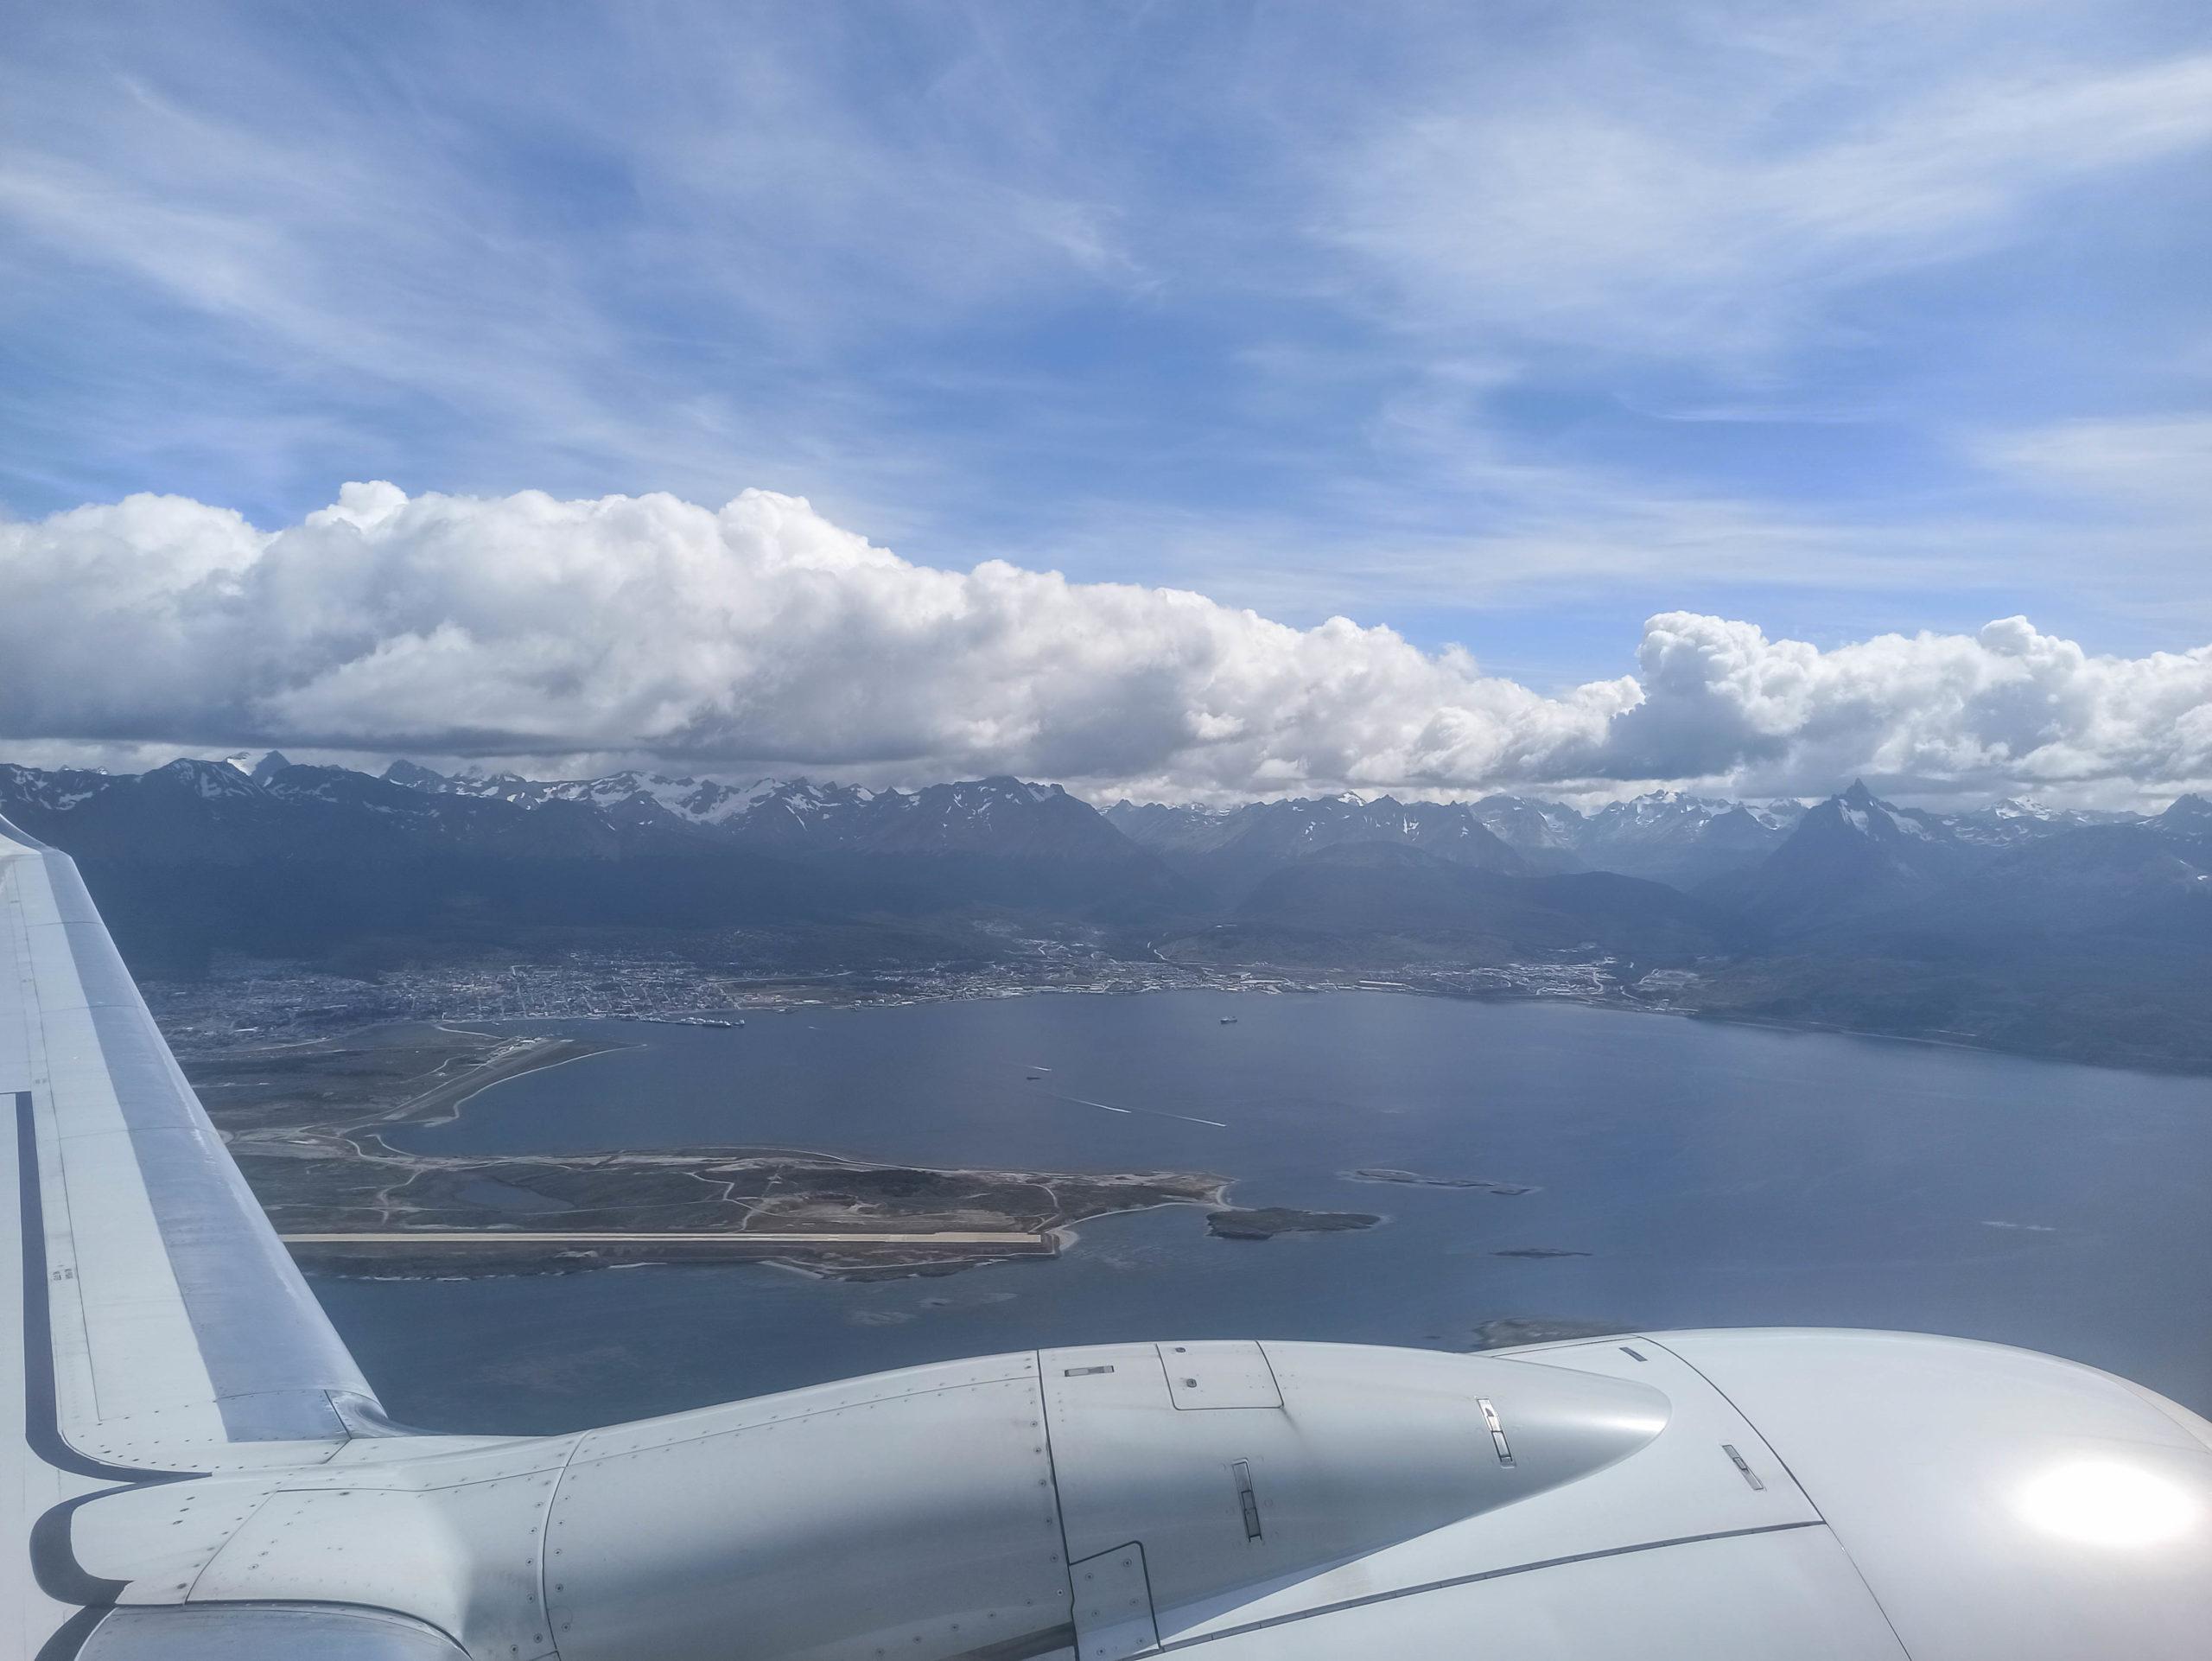 vue sur ushuaia depuis l'avion